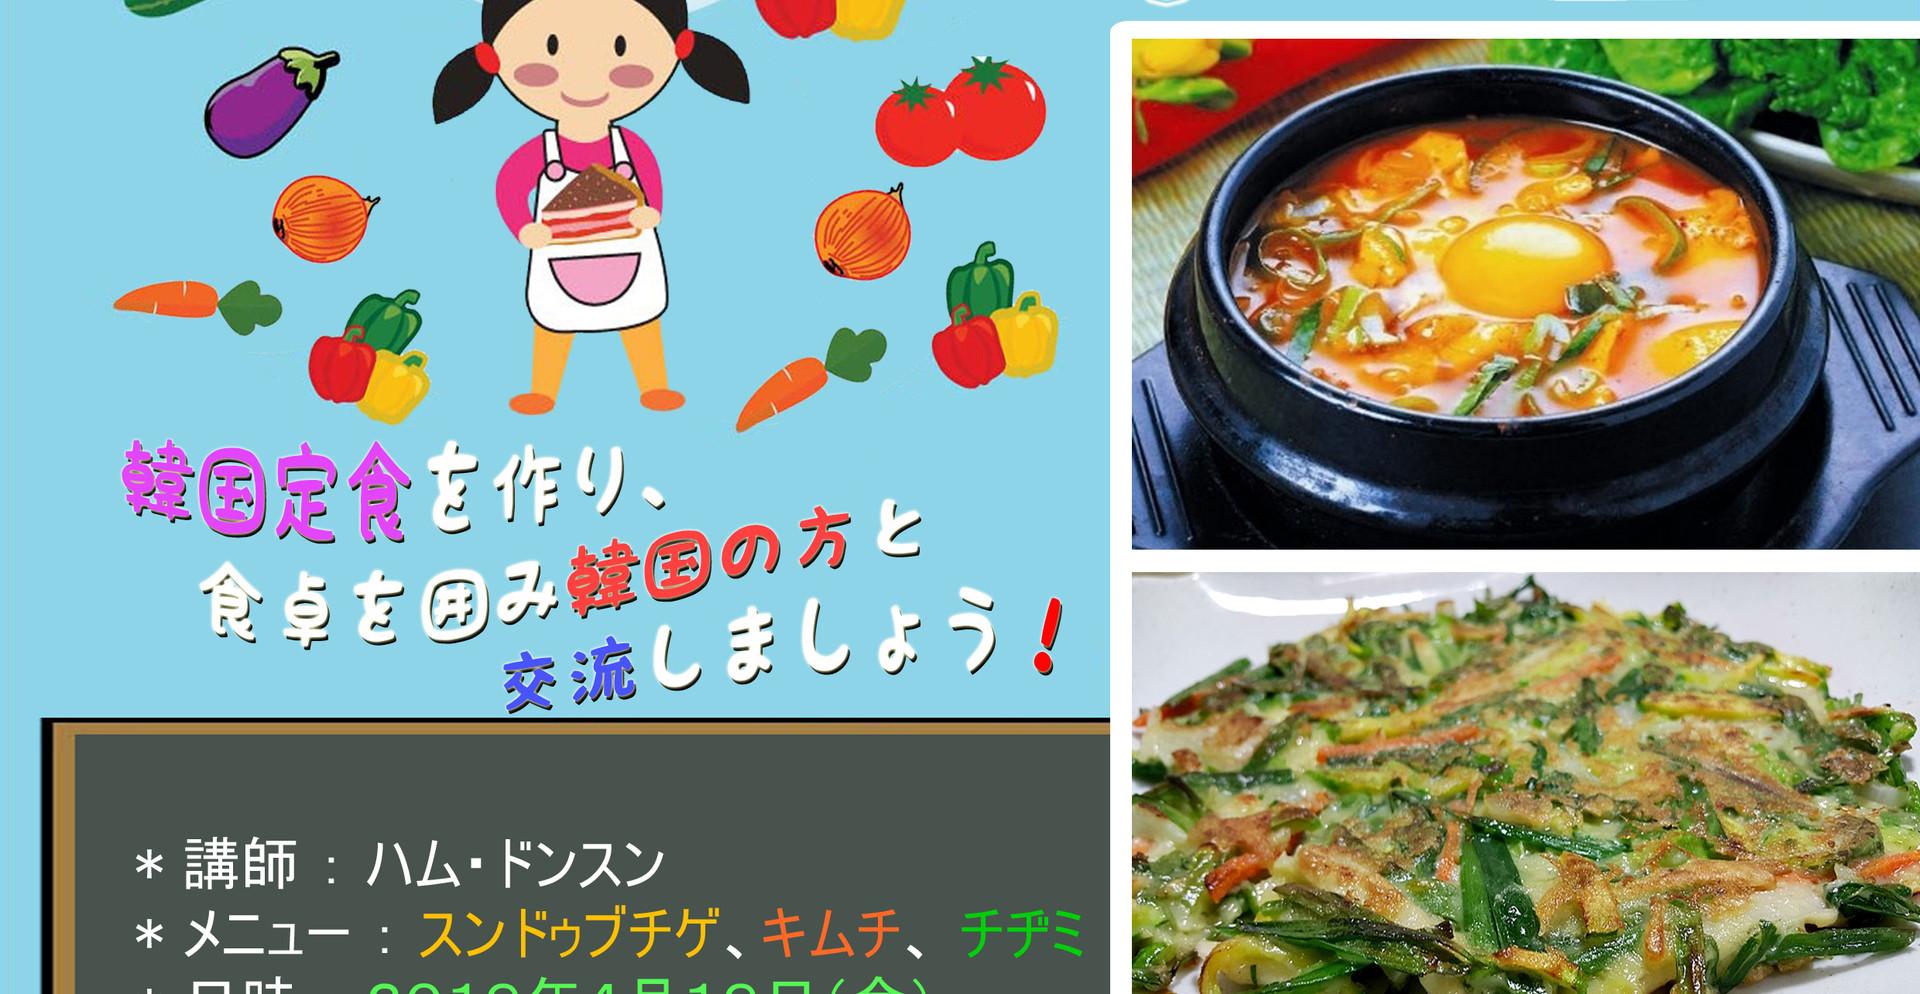 요리 칼라-2 copy.jpg